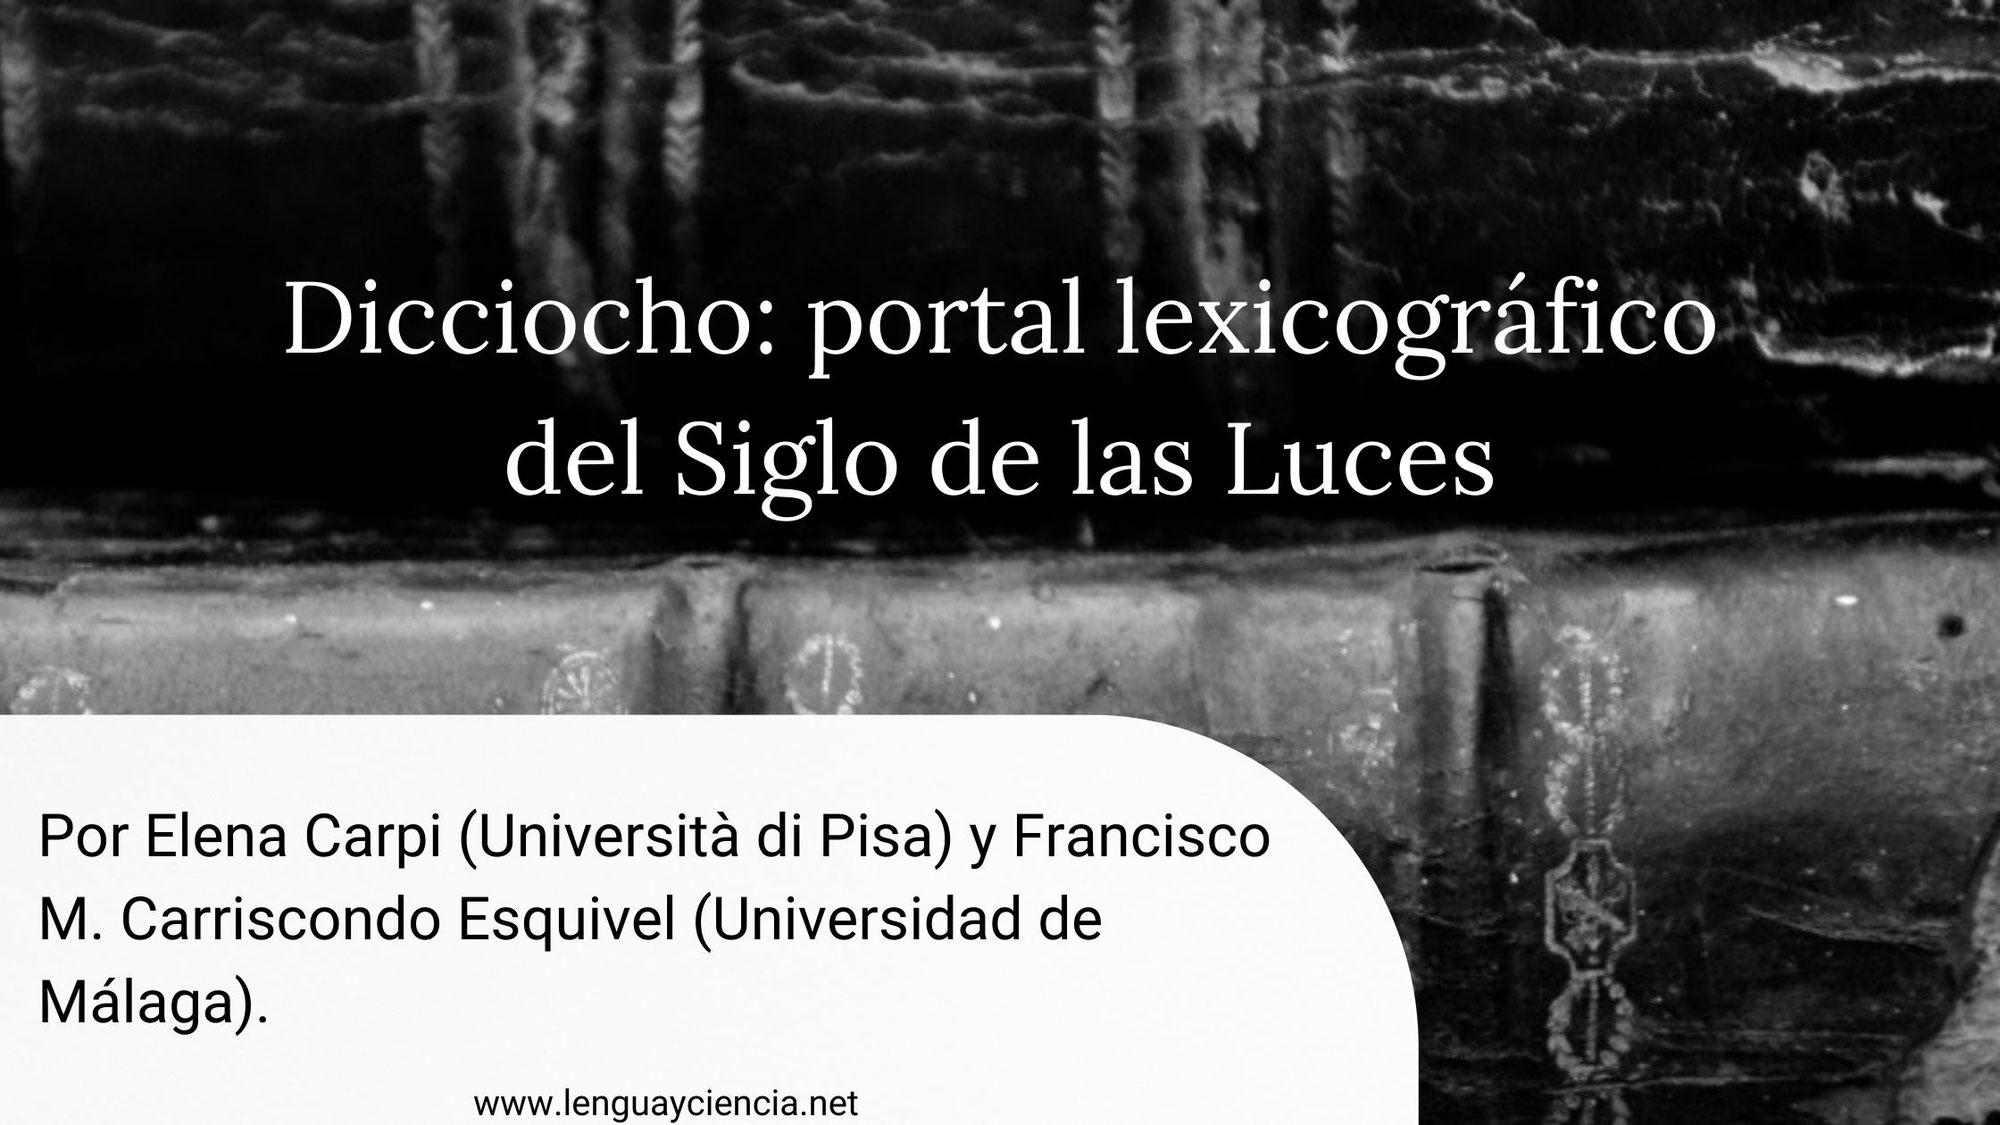 Dicciocho: portal lexicográfico del Siglo de las Luces